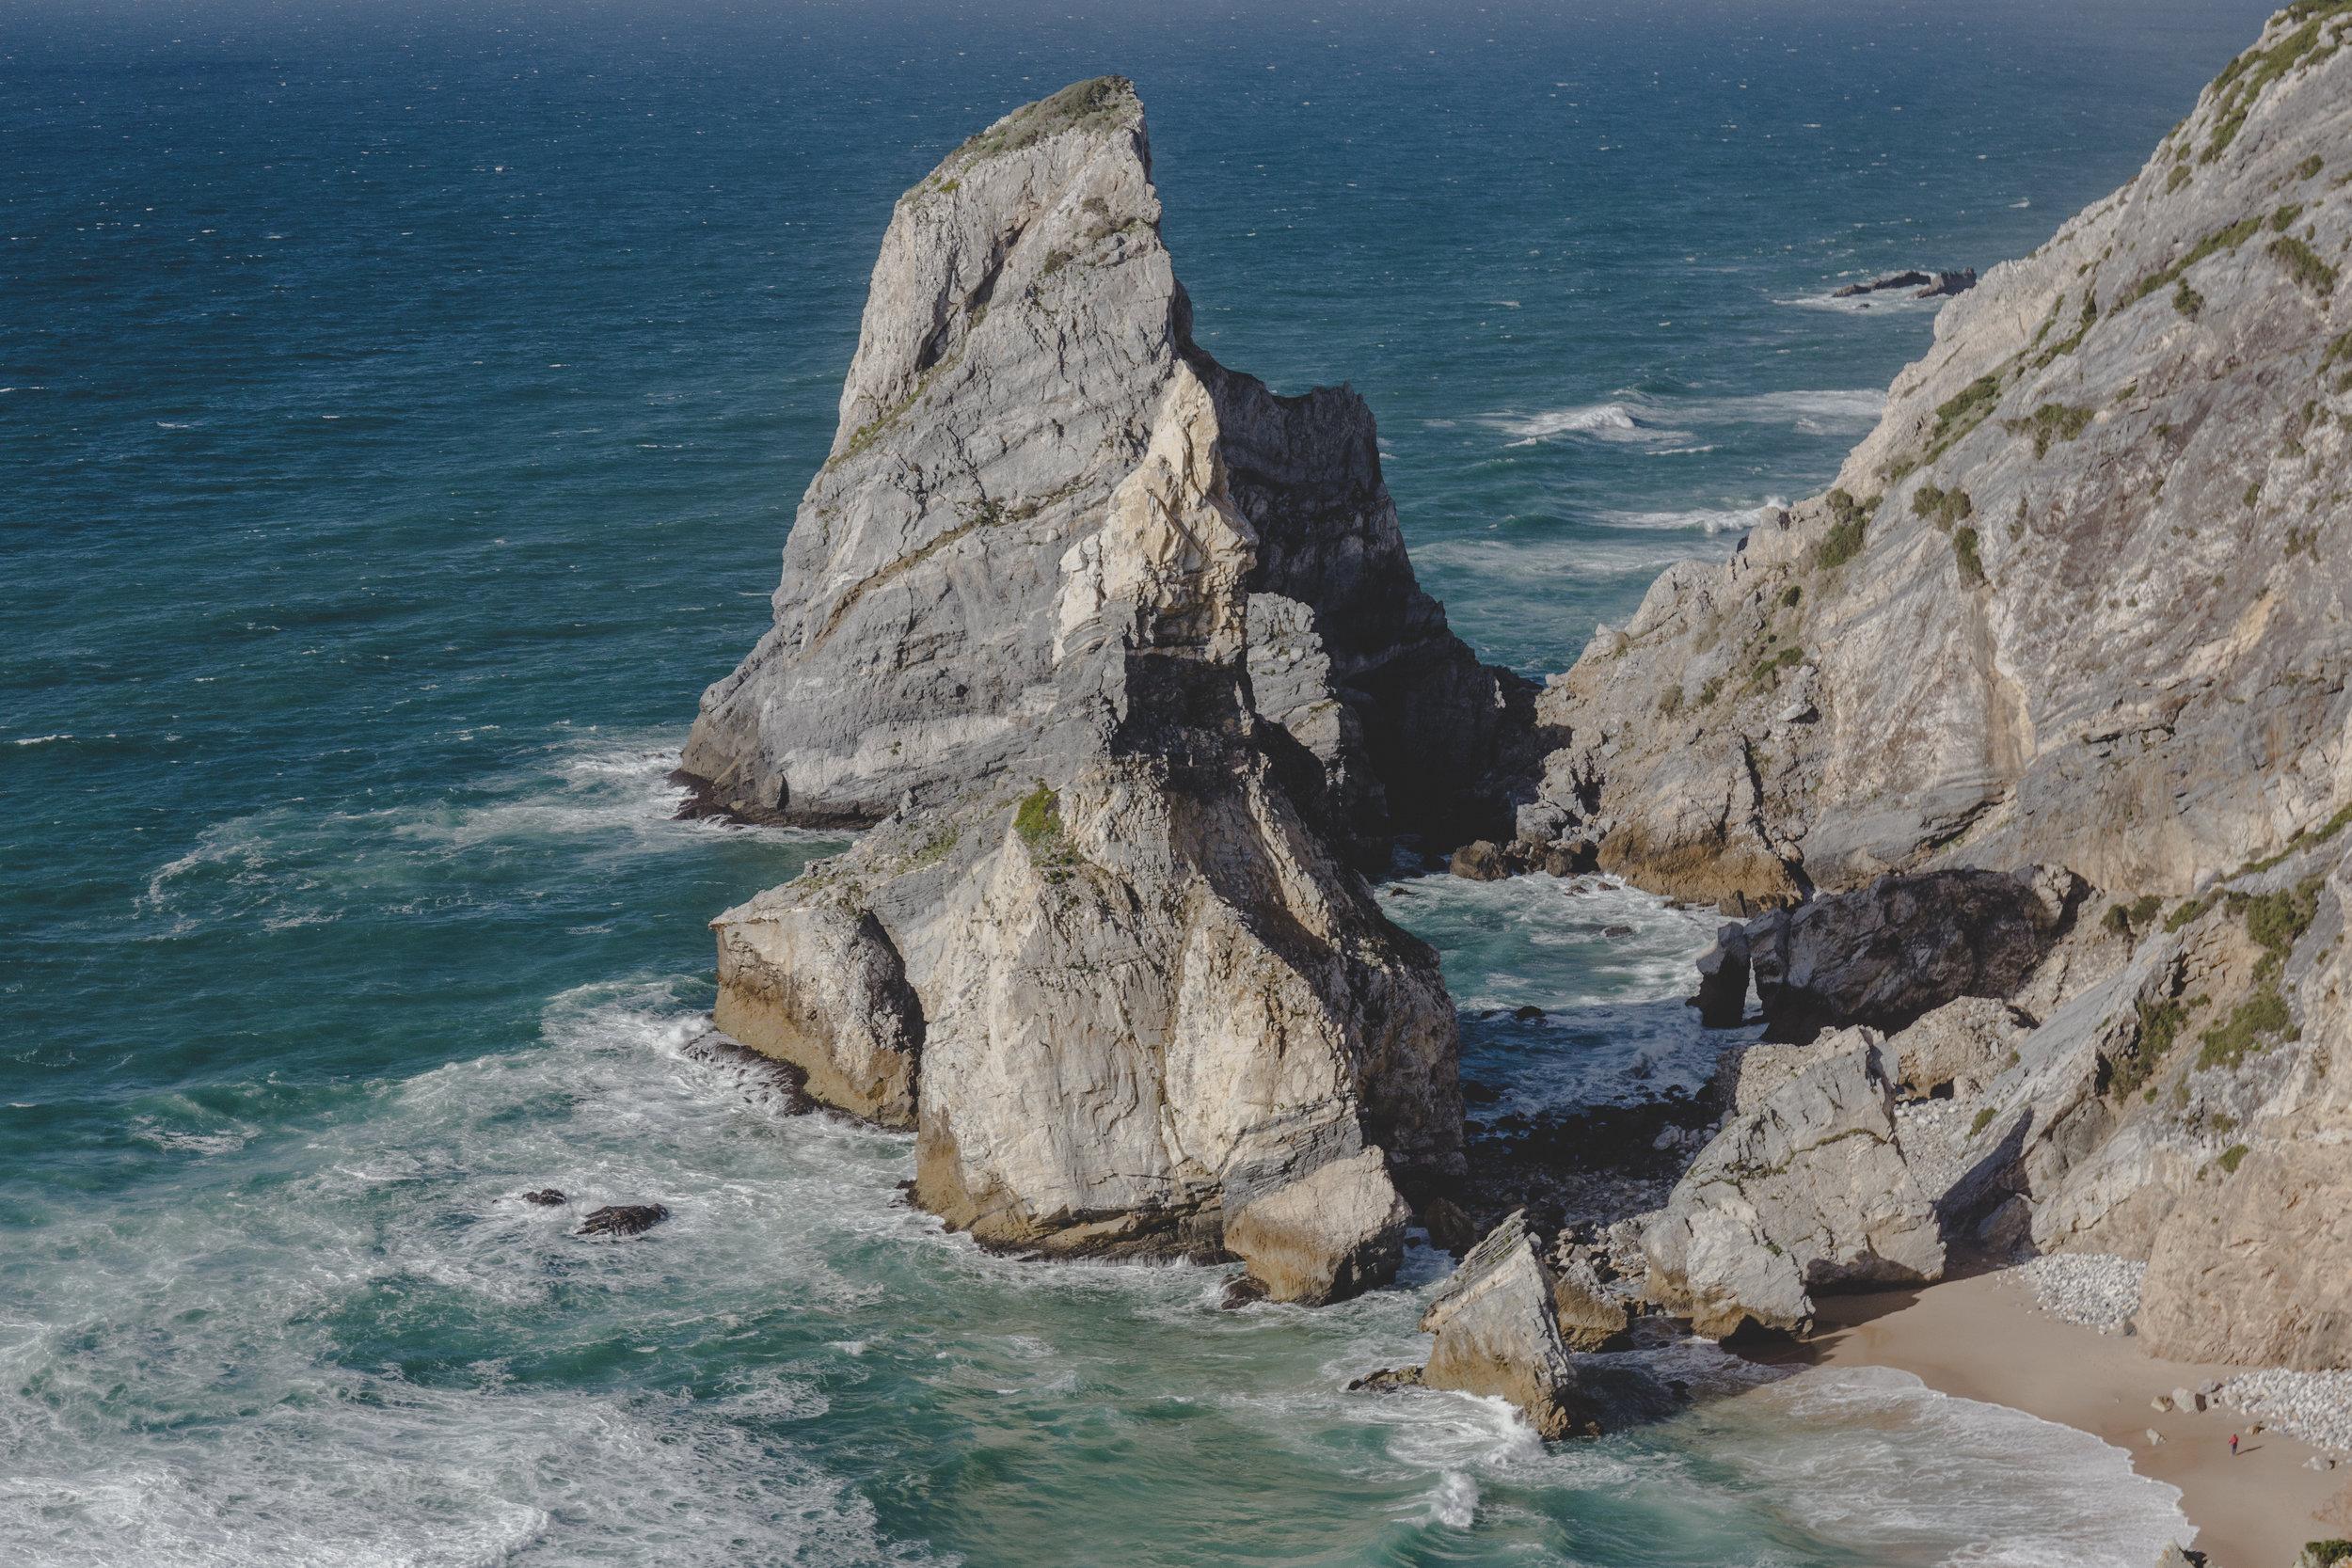 Cliffs at Praia da Ursa